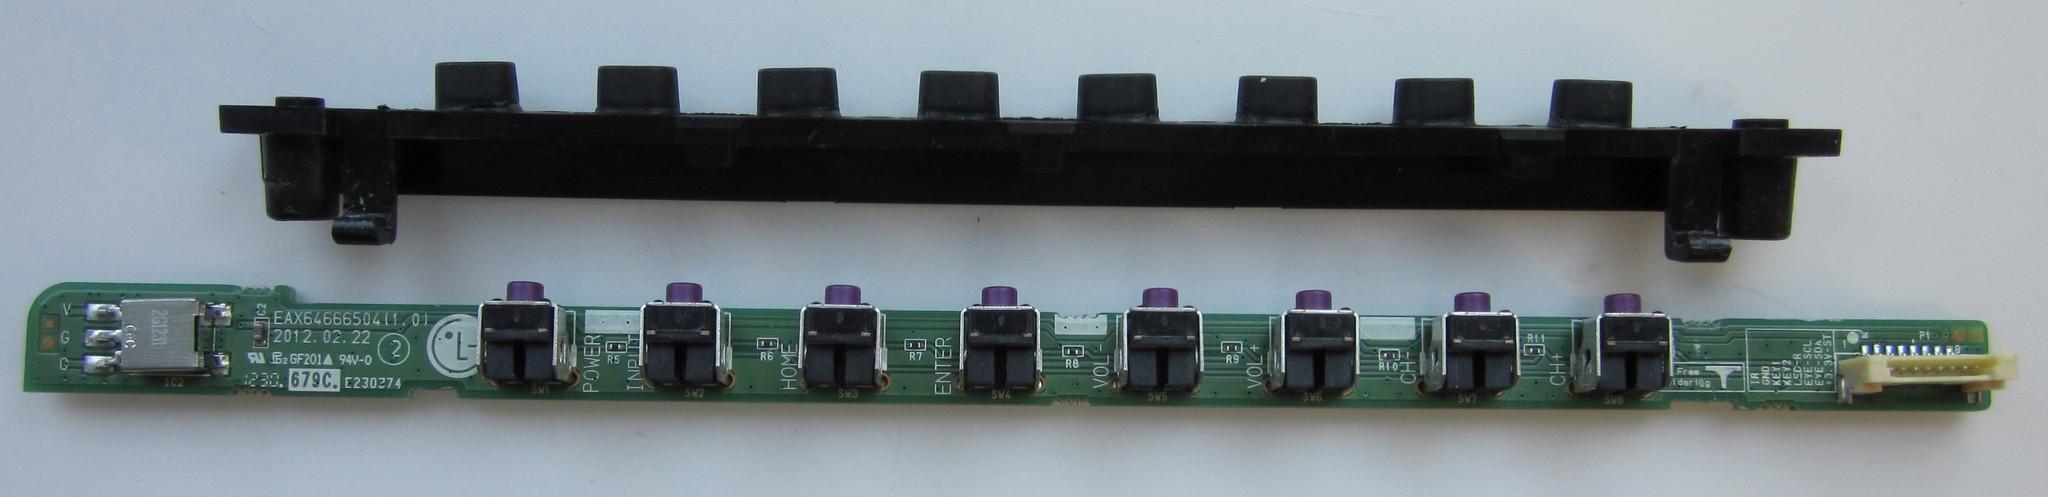 EAX64666504(1.0)